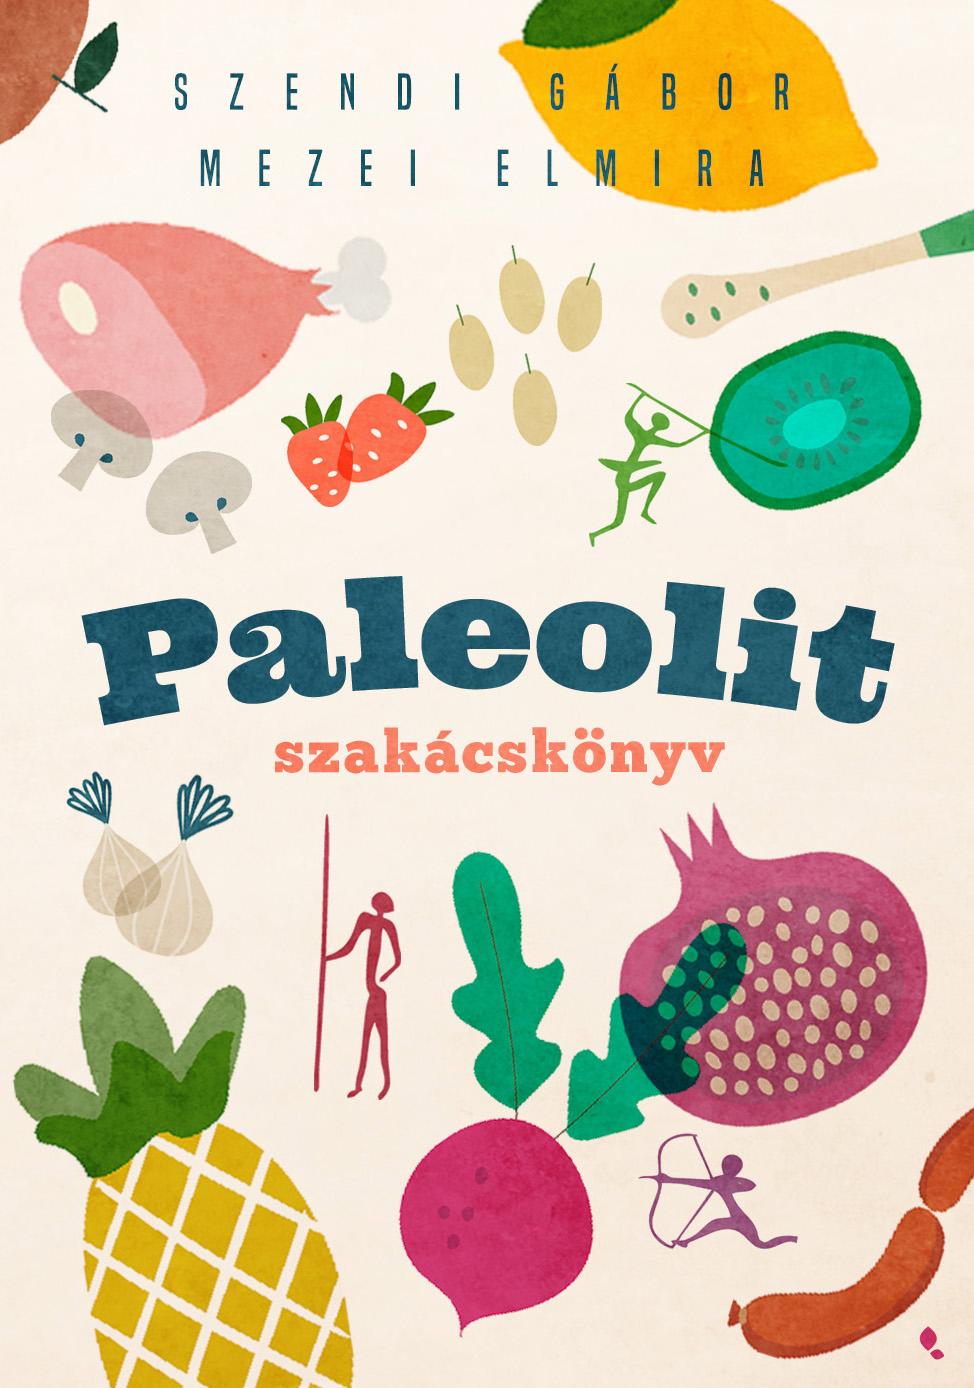 Mezei Elmira - Paleolit szakácskönyv - 2. kiadás